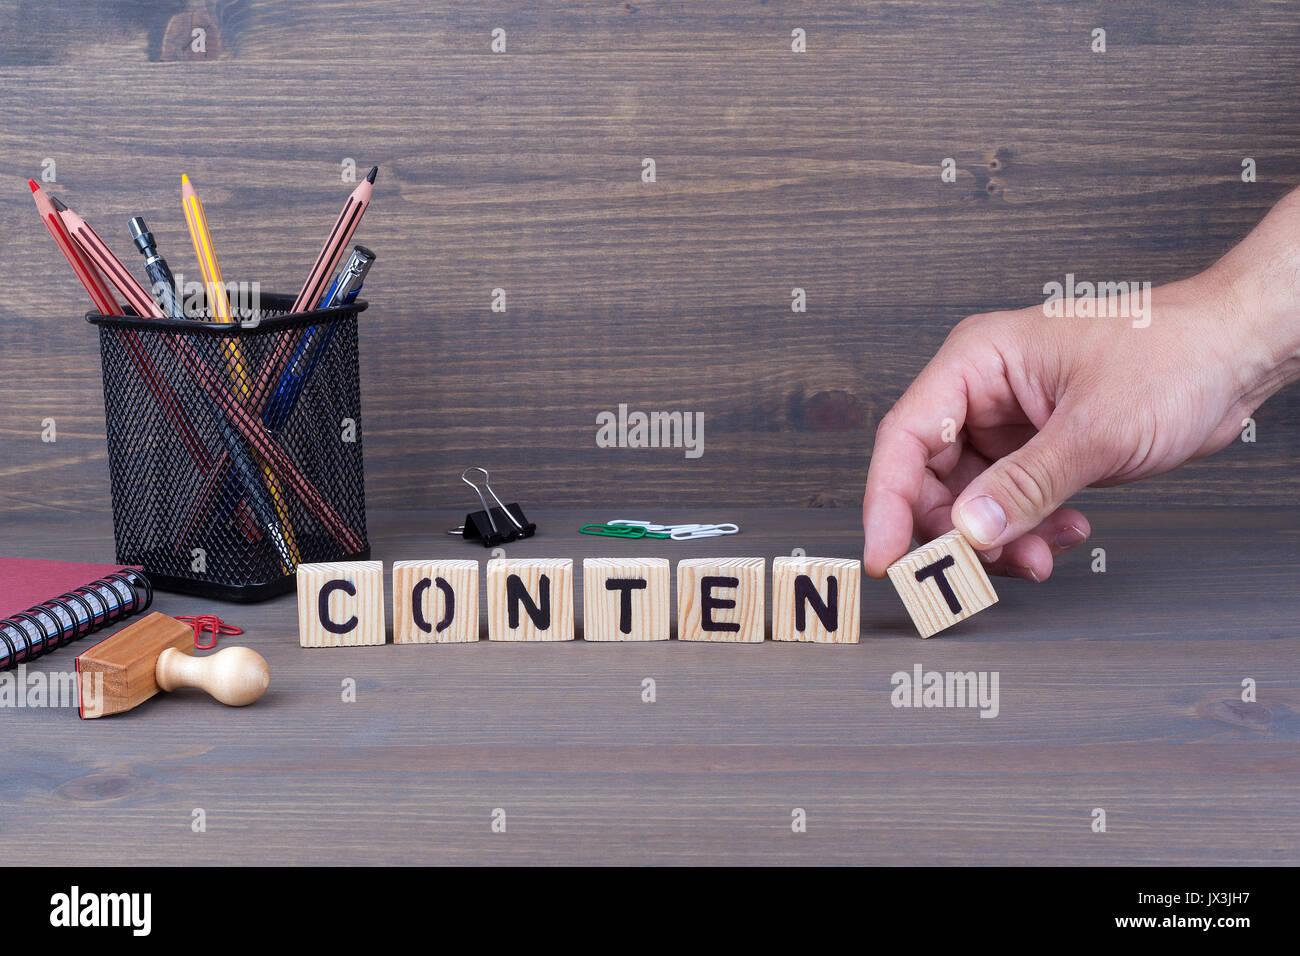 Concetto di contenuto. Lettere di legno su sfondo scuro Immagini Stock